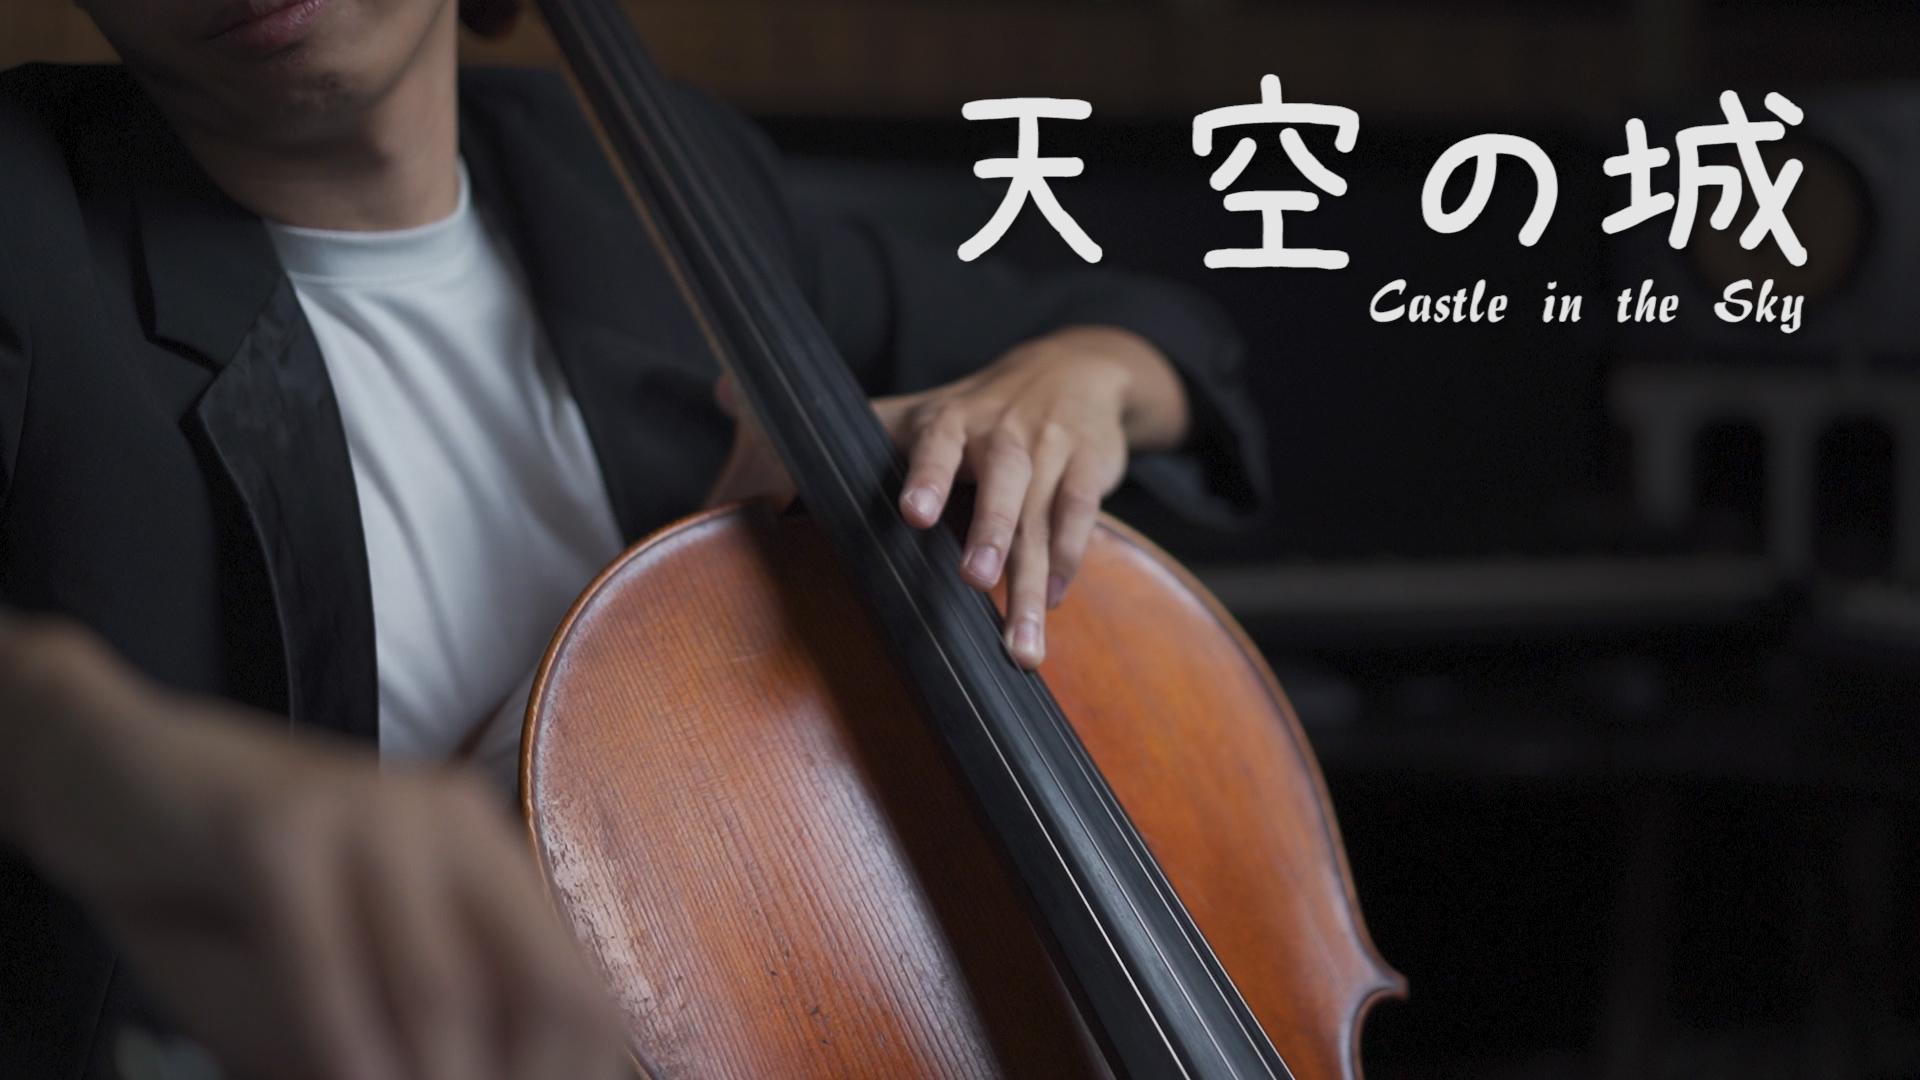 天空の城ラピュタ - Castle in the Sky by 久石讓 -《天空之城》Cello Cover 大提琴演奏 『cover by YoYo Cello』